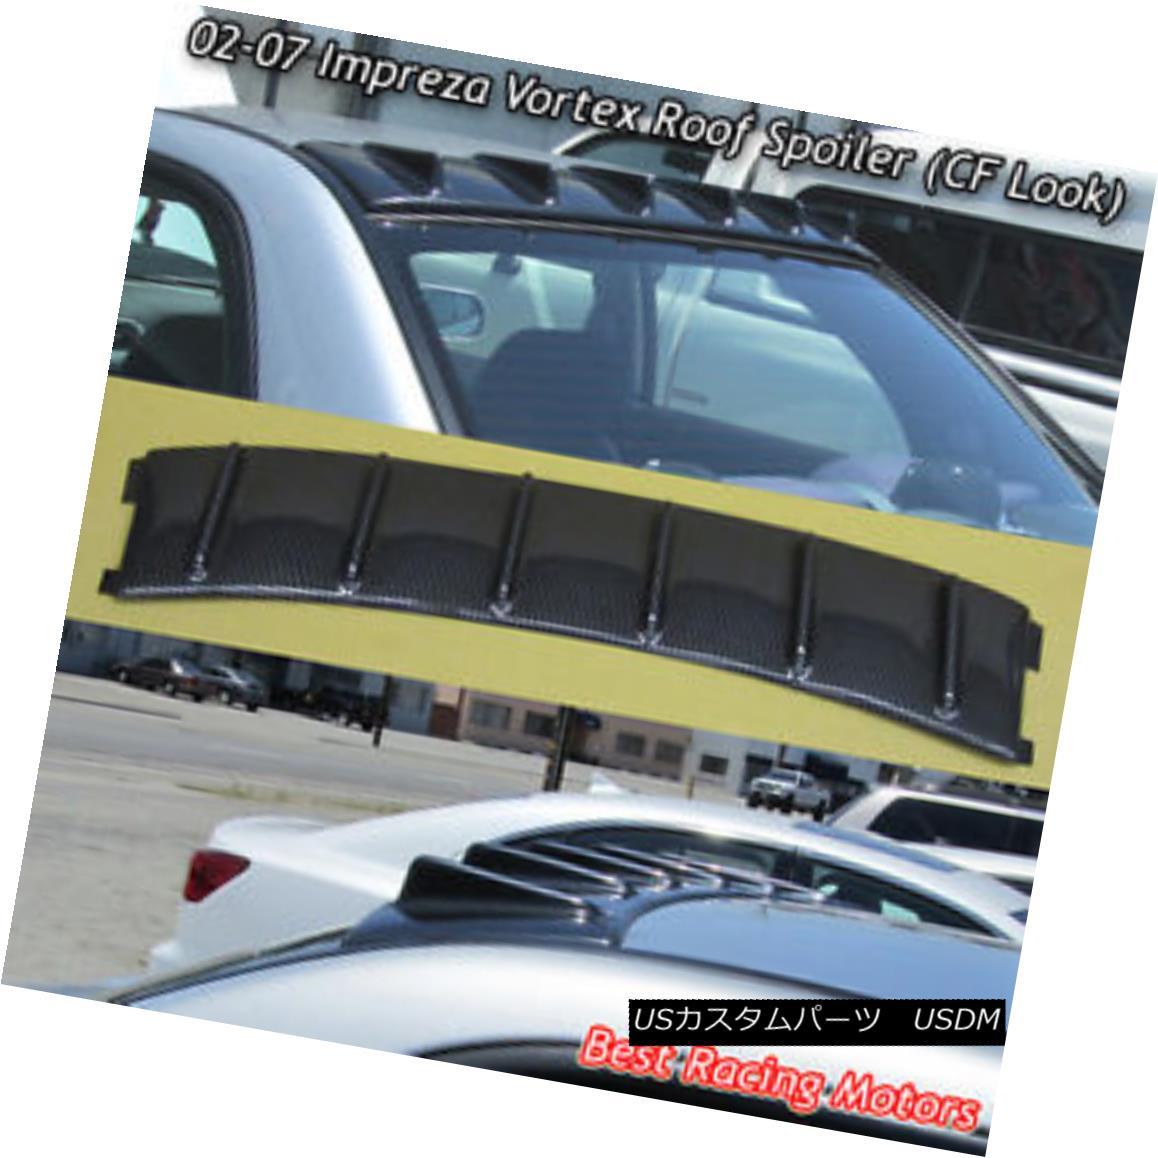 エアロパーツ Vortex VG Style Roof Spoiler Wing (Carbon Look) Fits 02-07 Subaru Impreza Vortex VGスタイルルーフスポイラーウイング(カーボンルック)02-07 Subaru Impreza